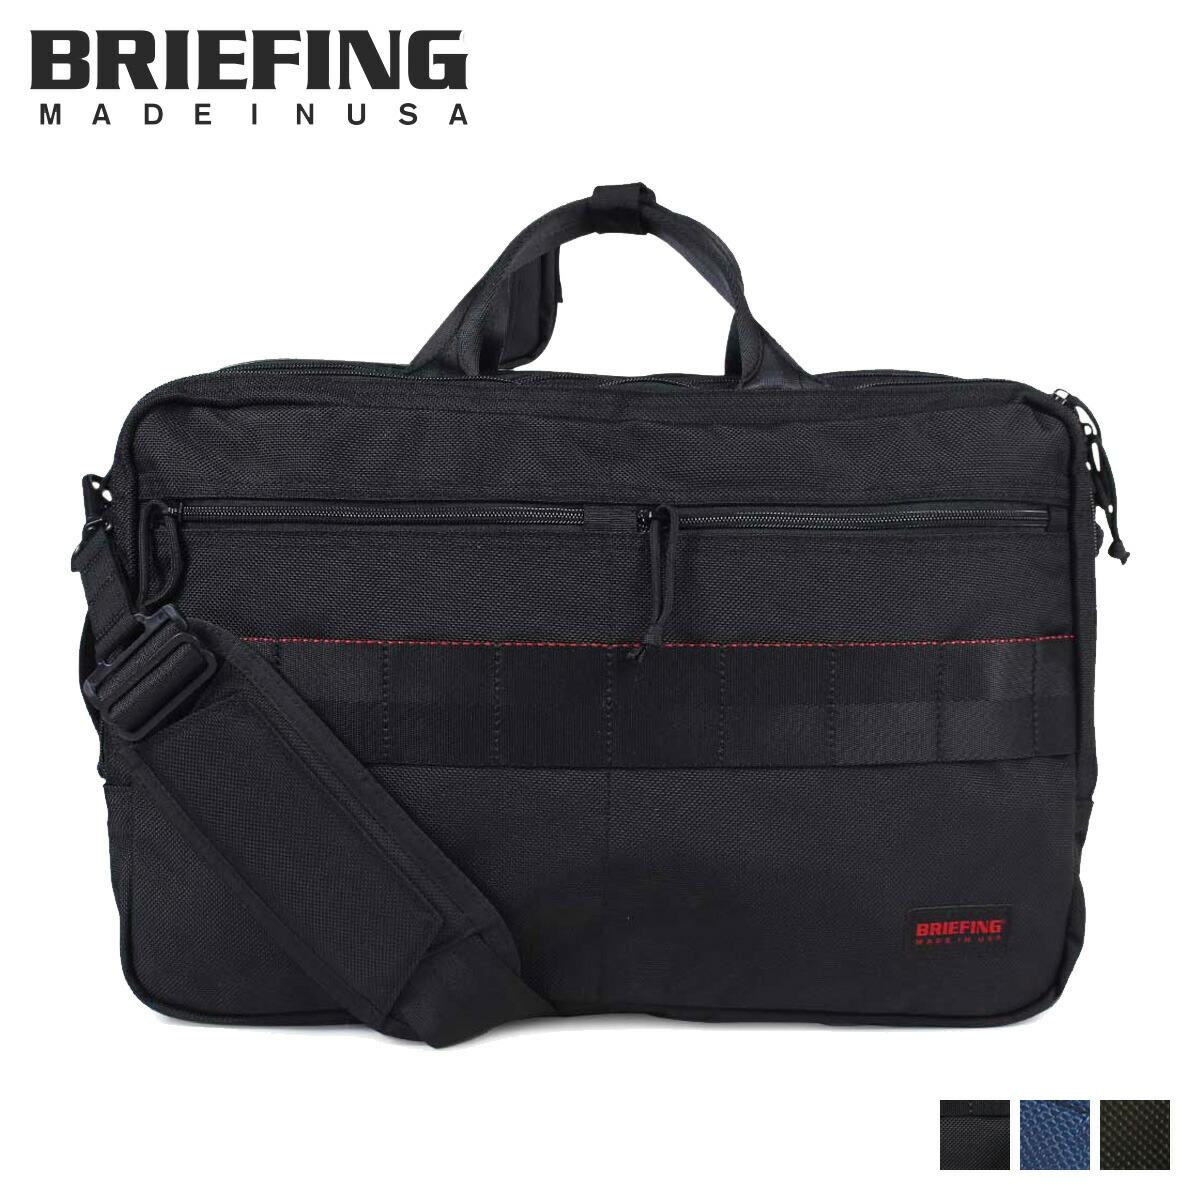 ブリーフィング BRIEFING バッグ 3way ブリーフケース リュック ビジネスバッグ メンズ M3 LINER ブラック ネイビー オリーブ 黒 BRF299219